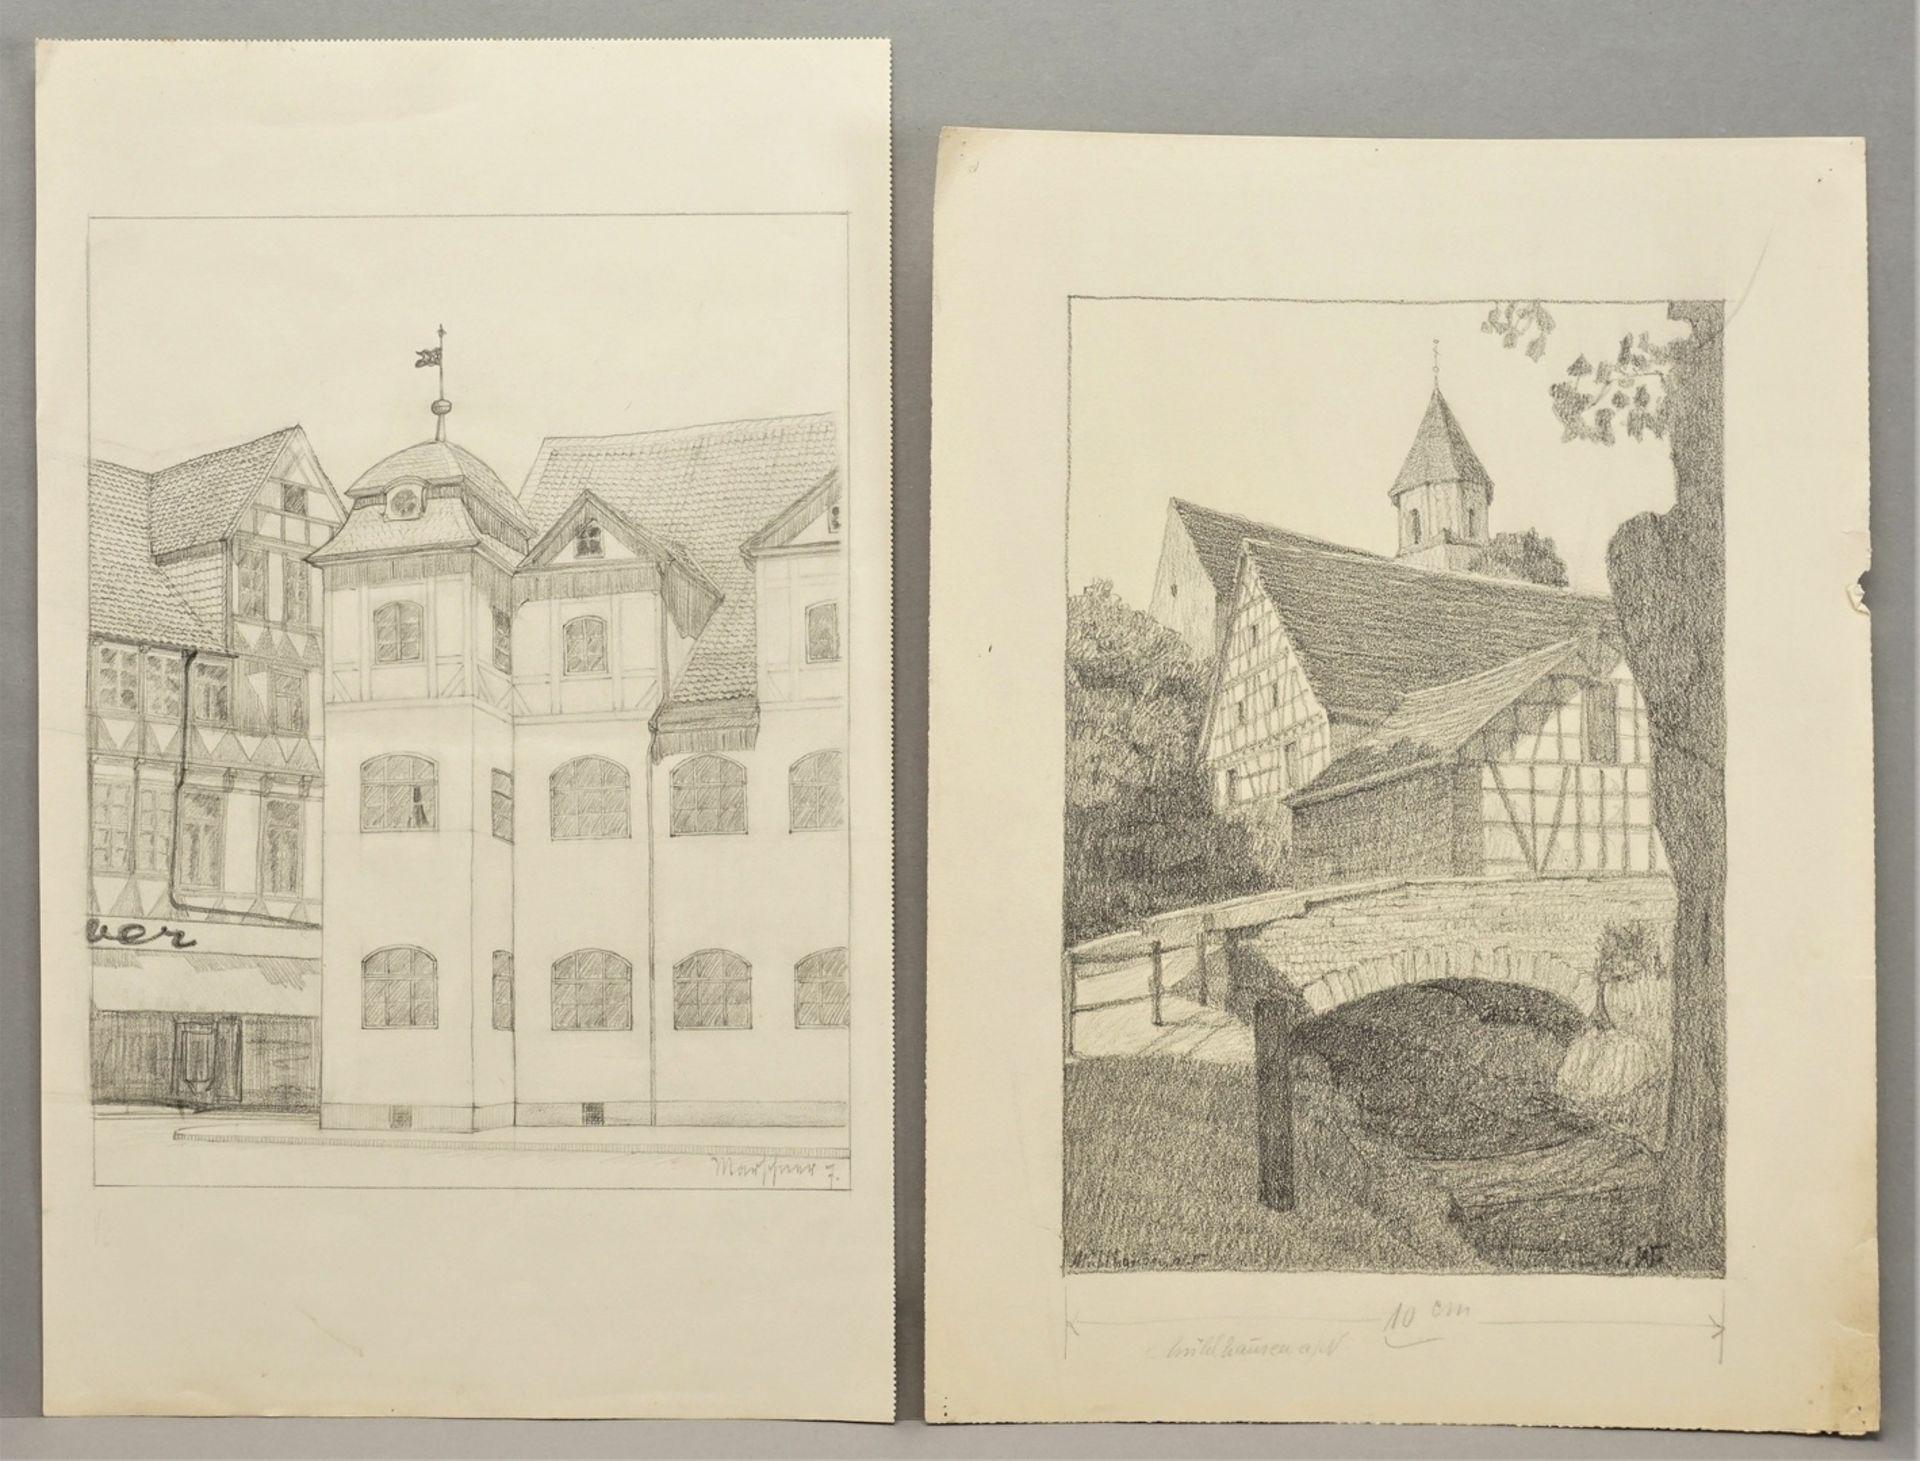 Sechs Handzeichnungen zu fränkischen Orten - Bild 2 aus 4